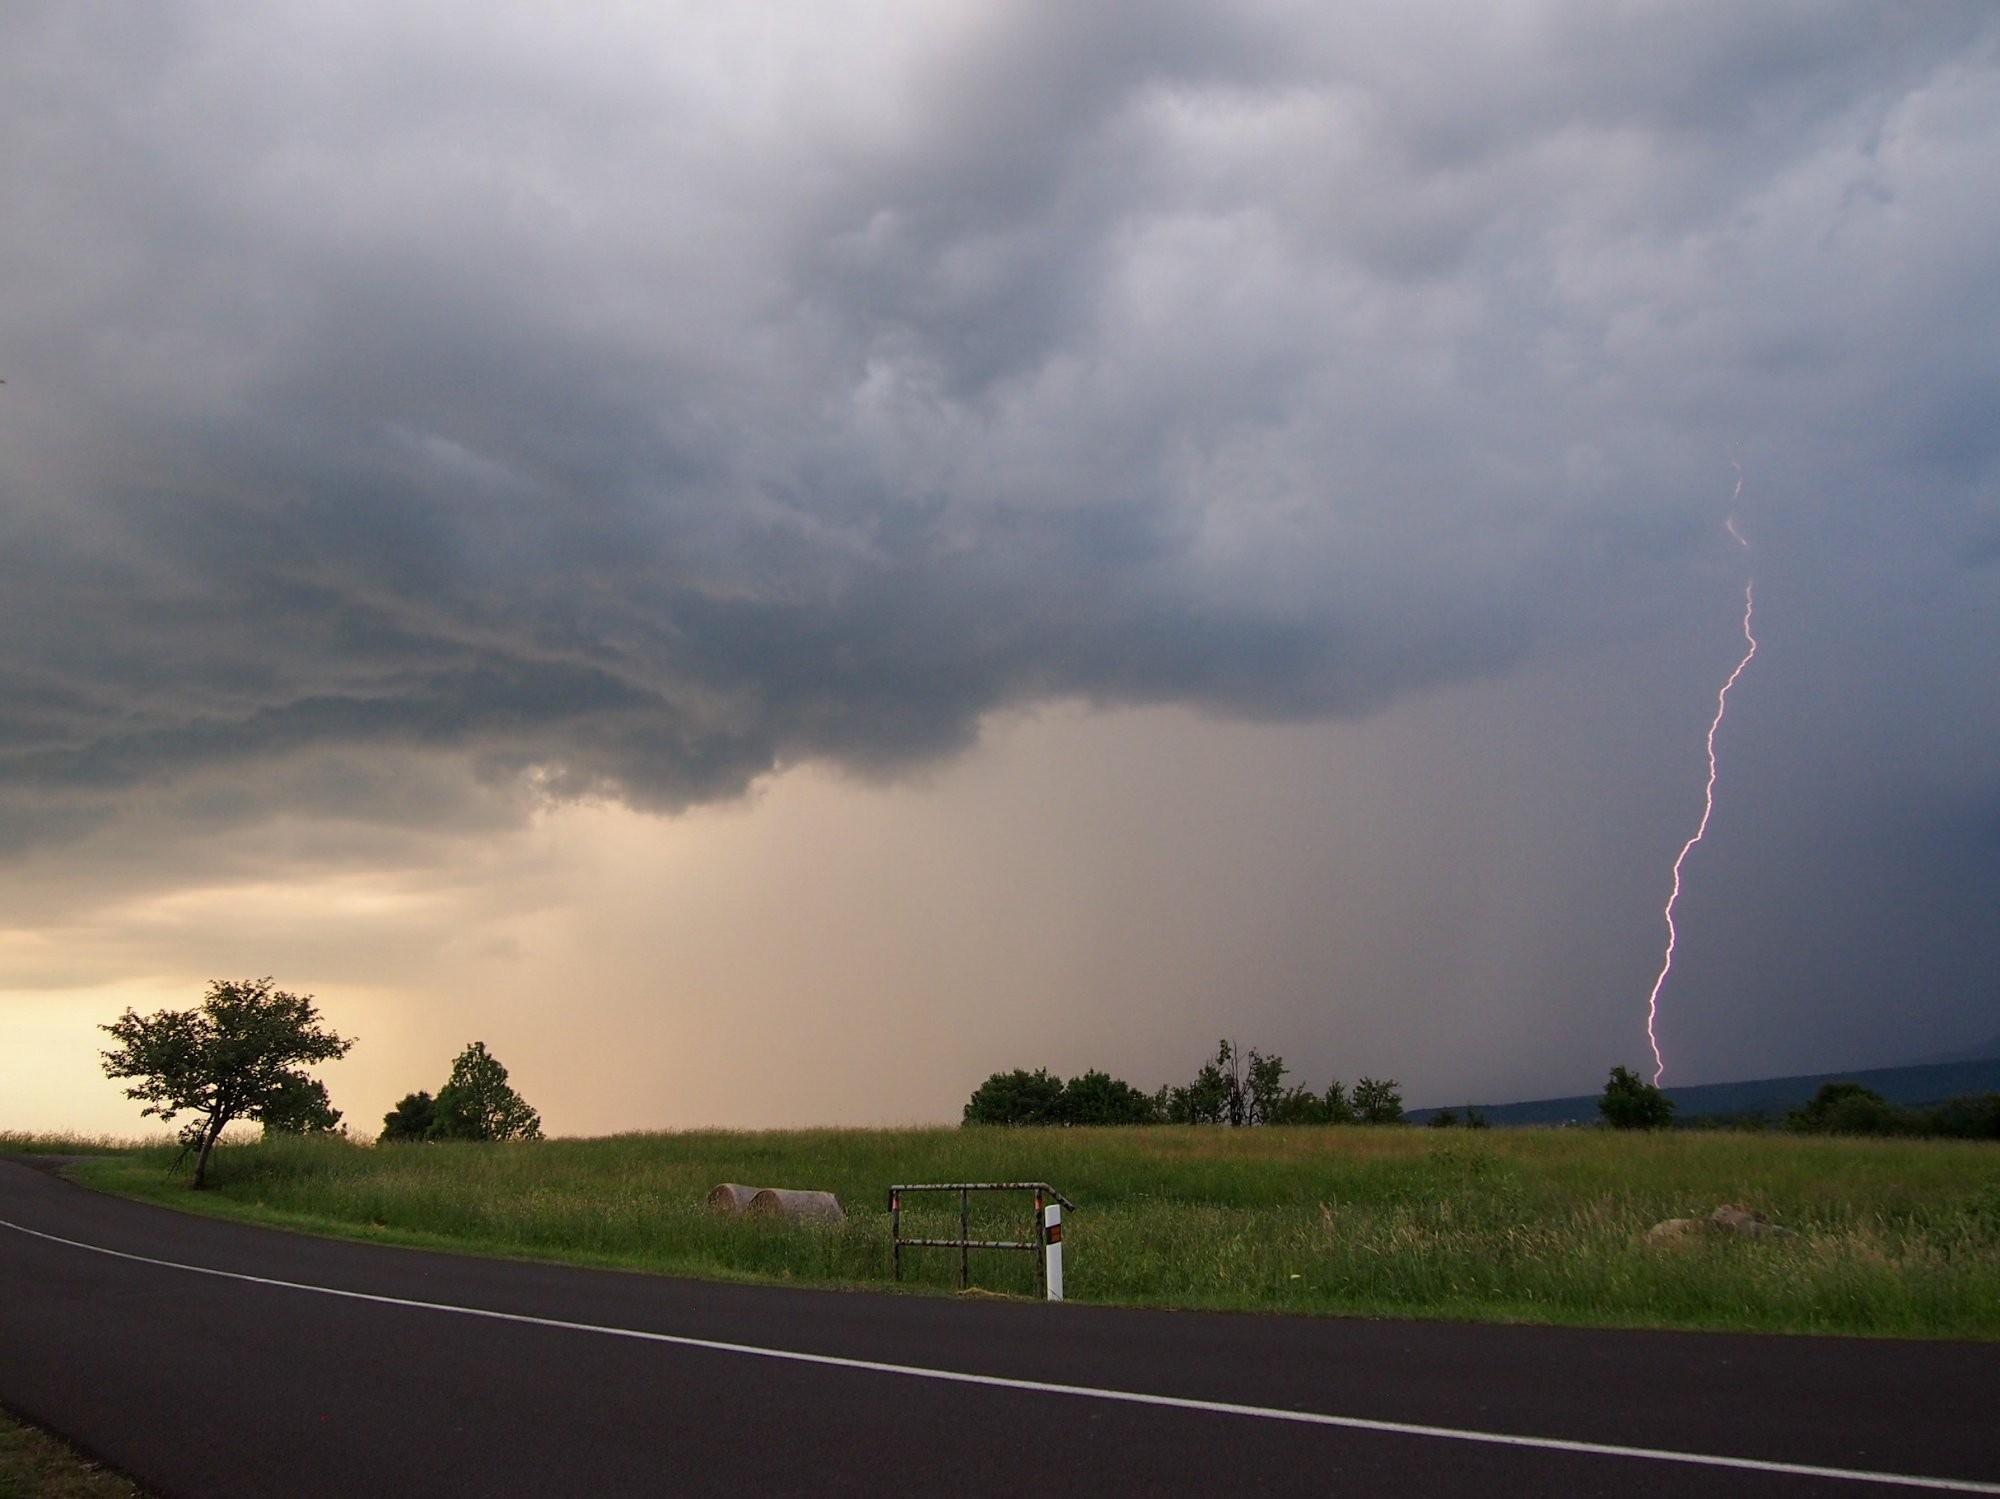 Čelo bouře s CG